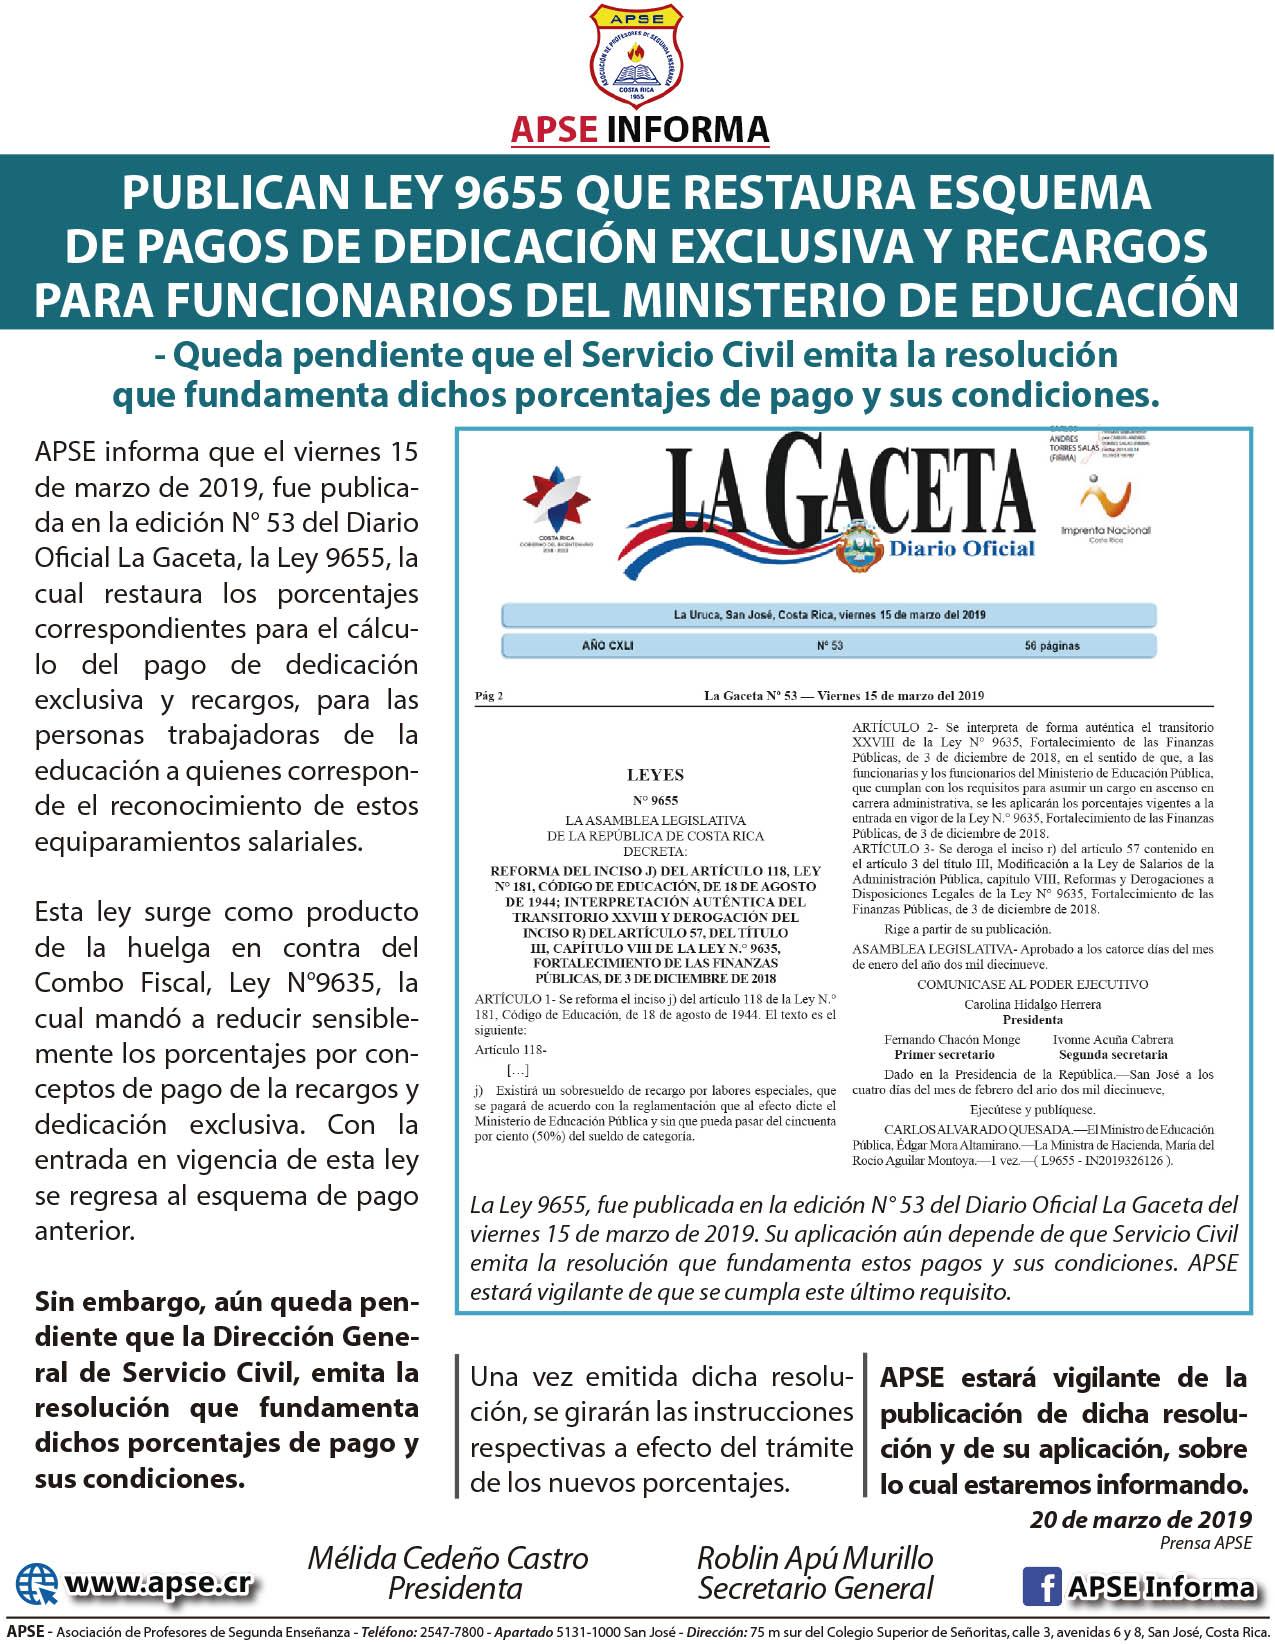 PUBLICAN LEY 9655 QUE RESTAURA ESQUEMA DE PAGOS DE DEDICACIÓN EXCLUSIVA Y RECARGOSPARA FUNCIONARIOS DEL MINISTERIO DE EDUCACIÓN